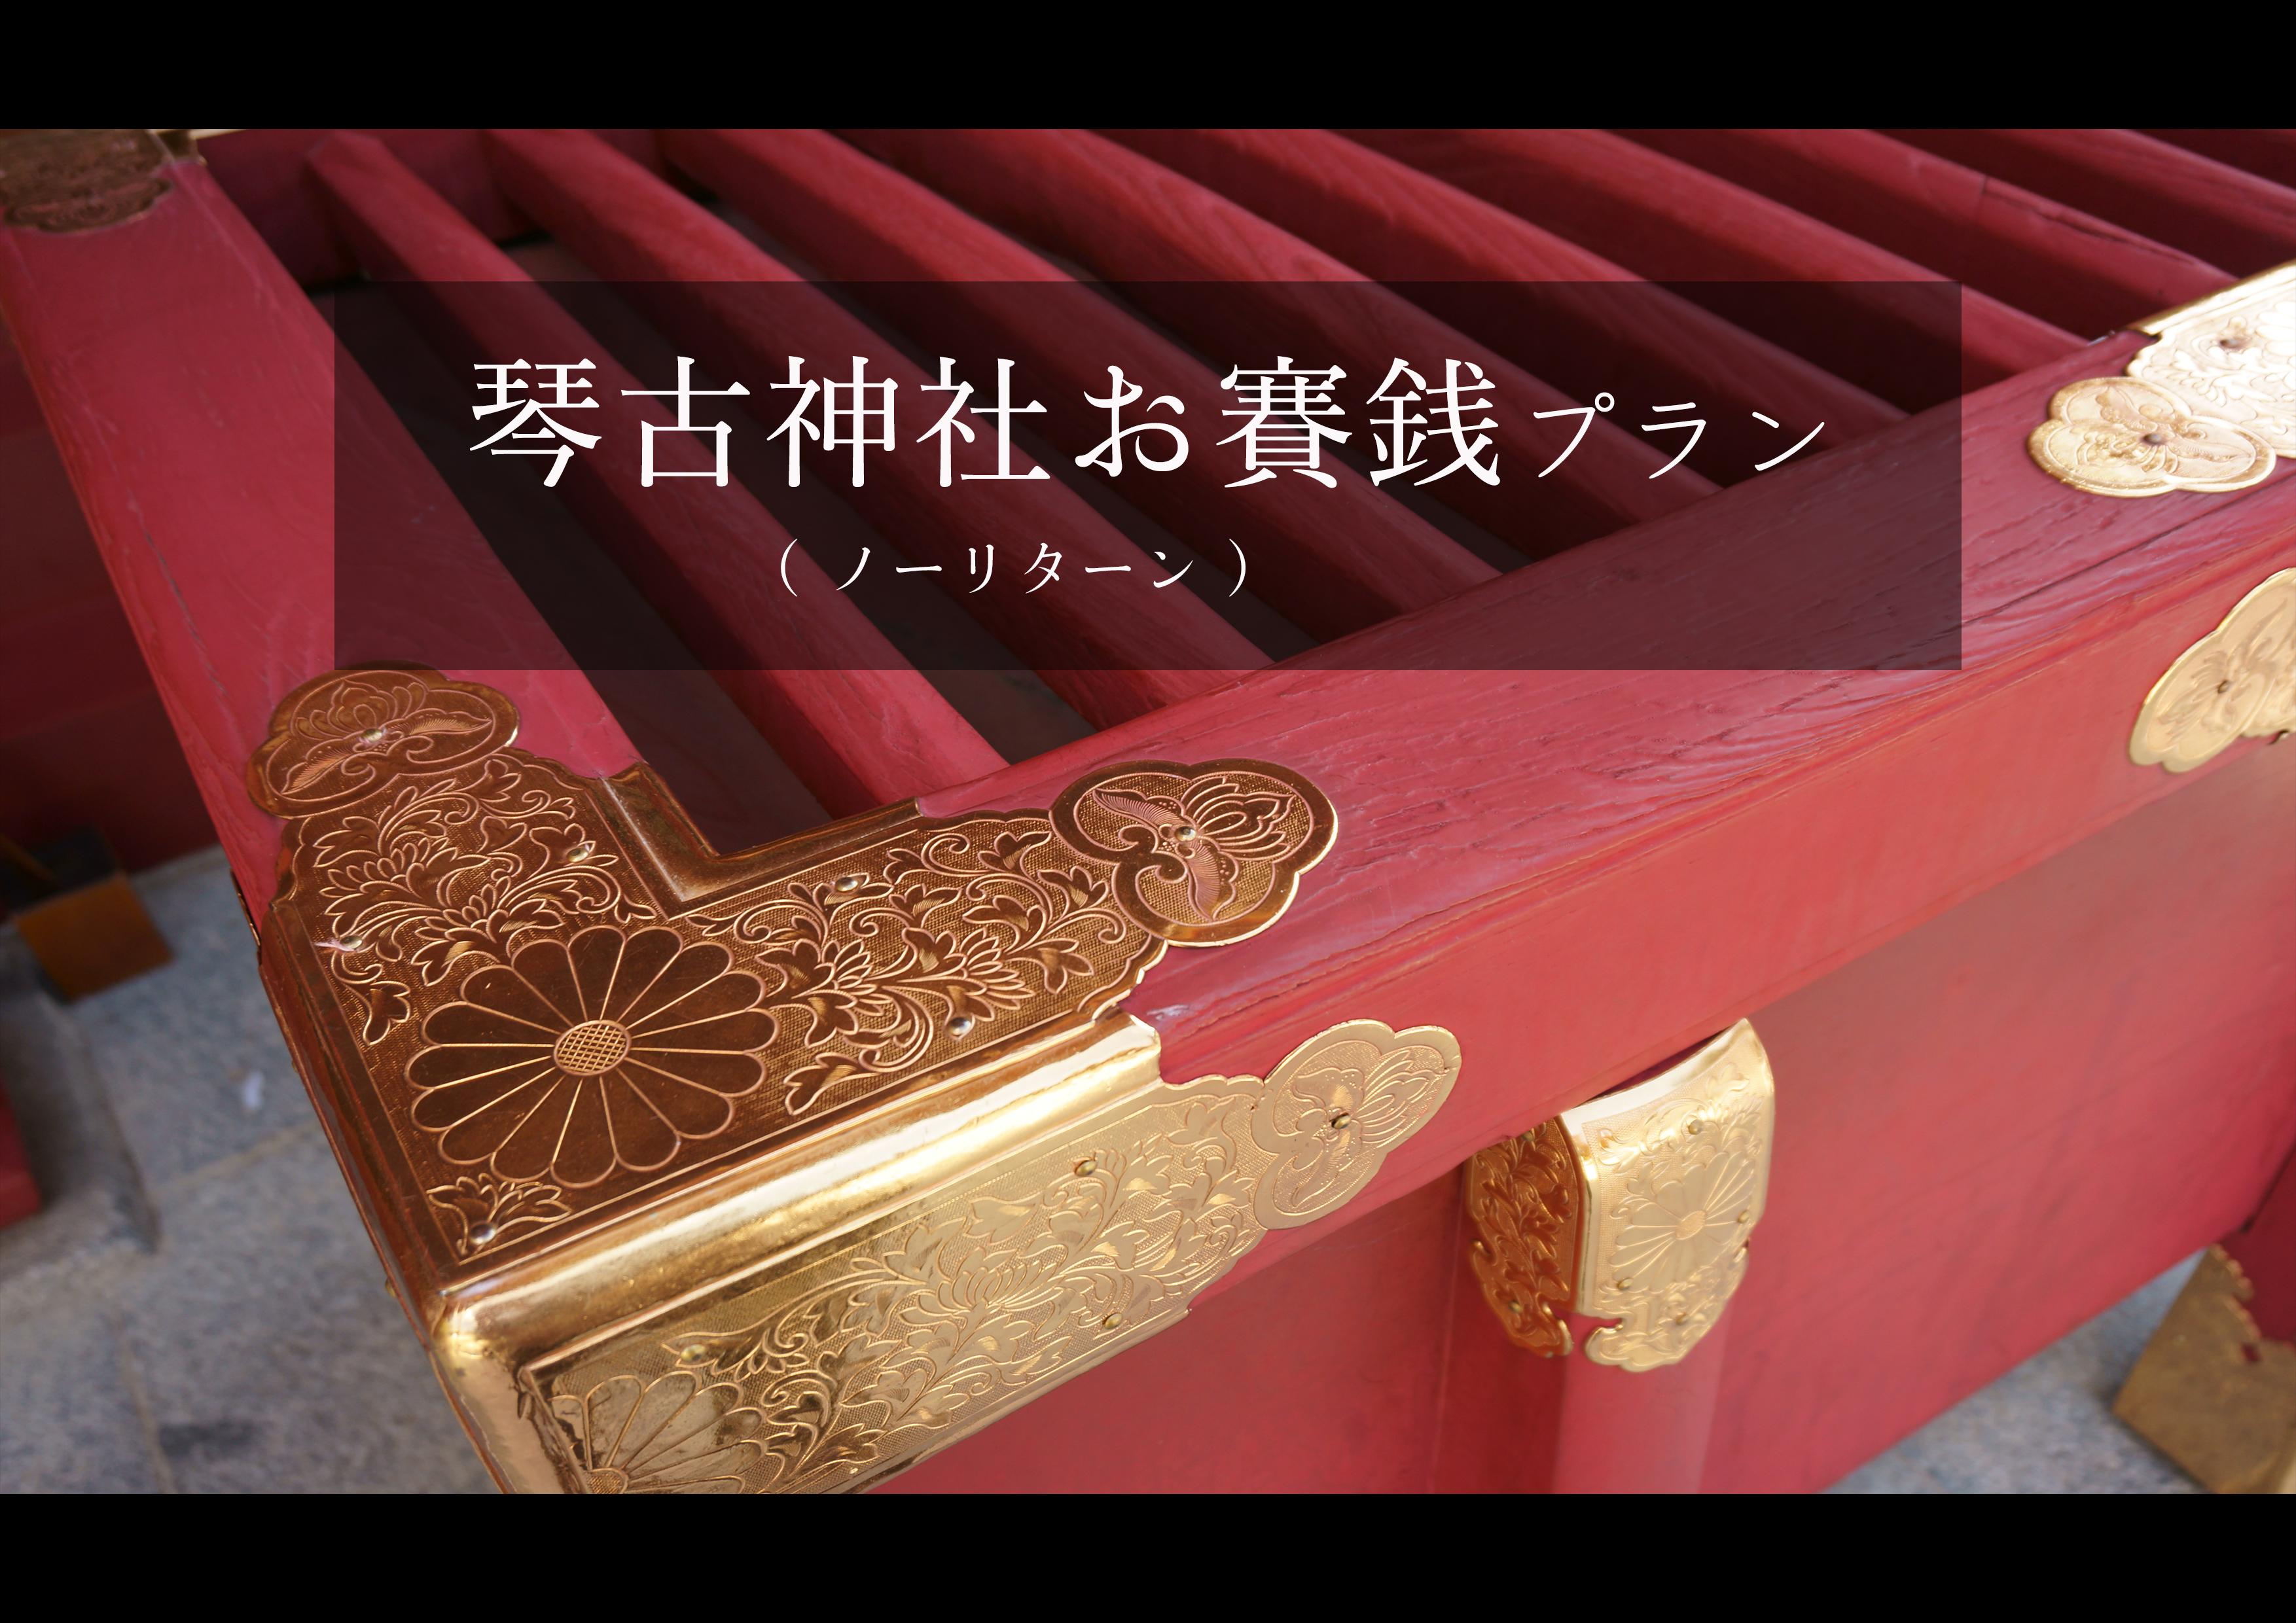 【 琴古神社お賽銭プラン 】